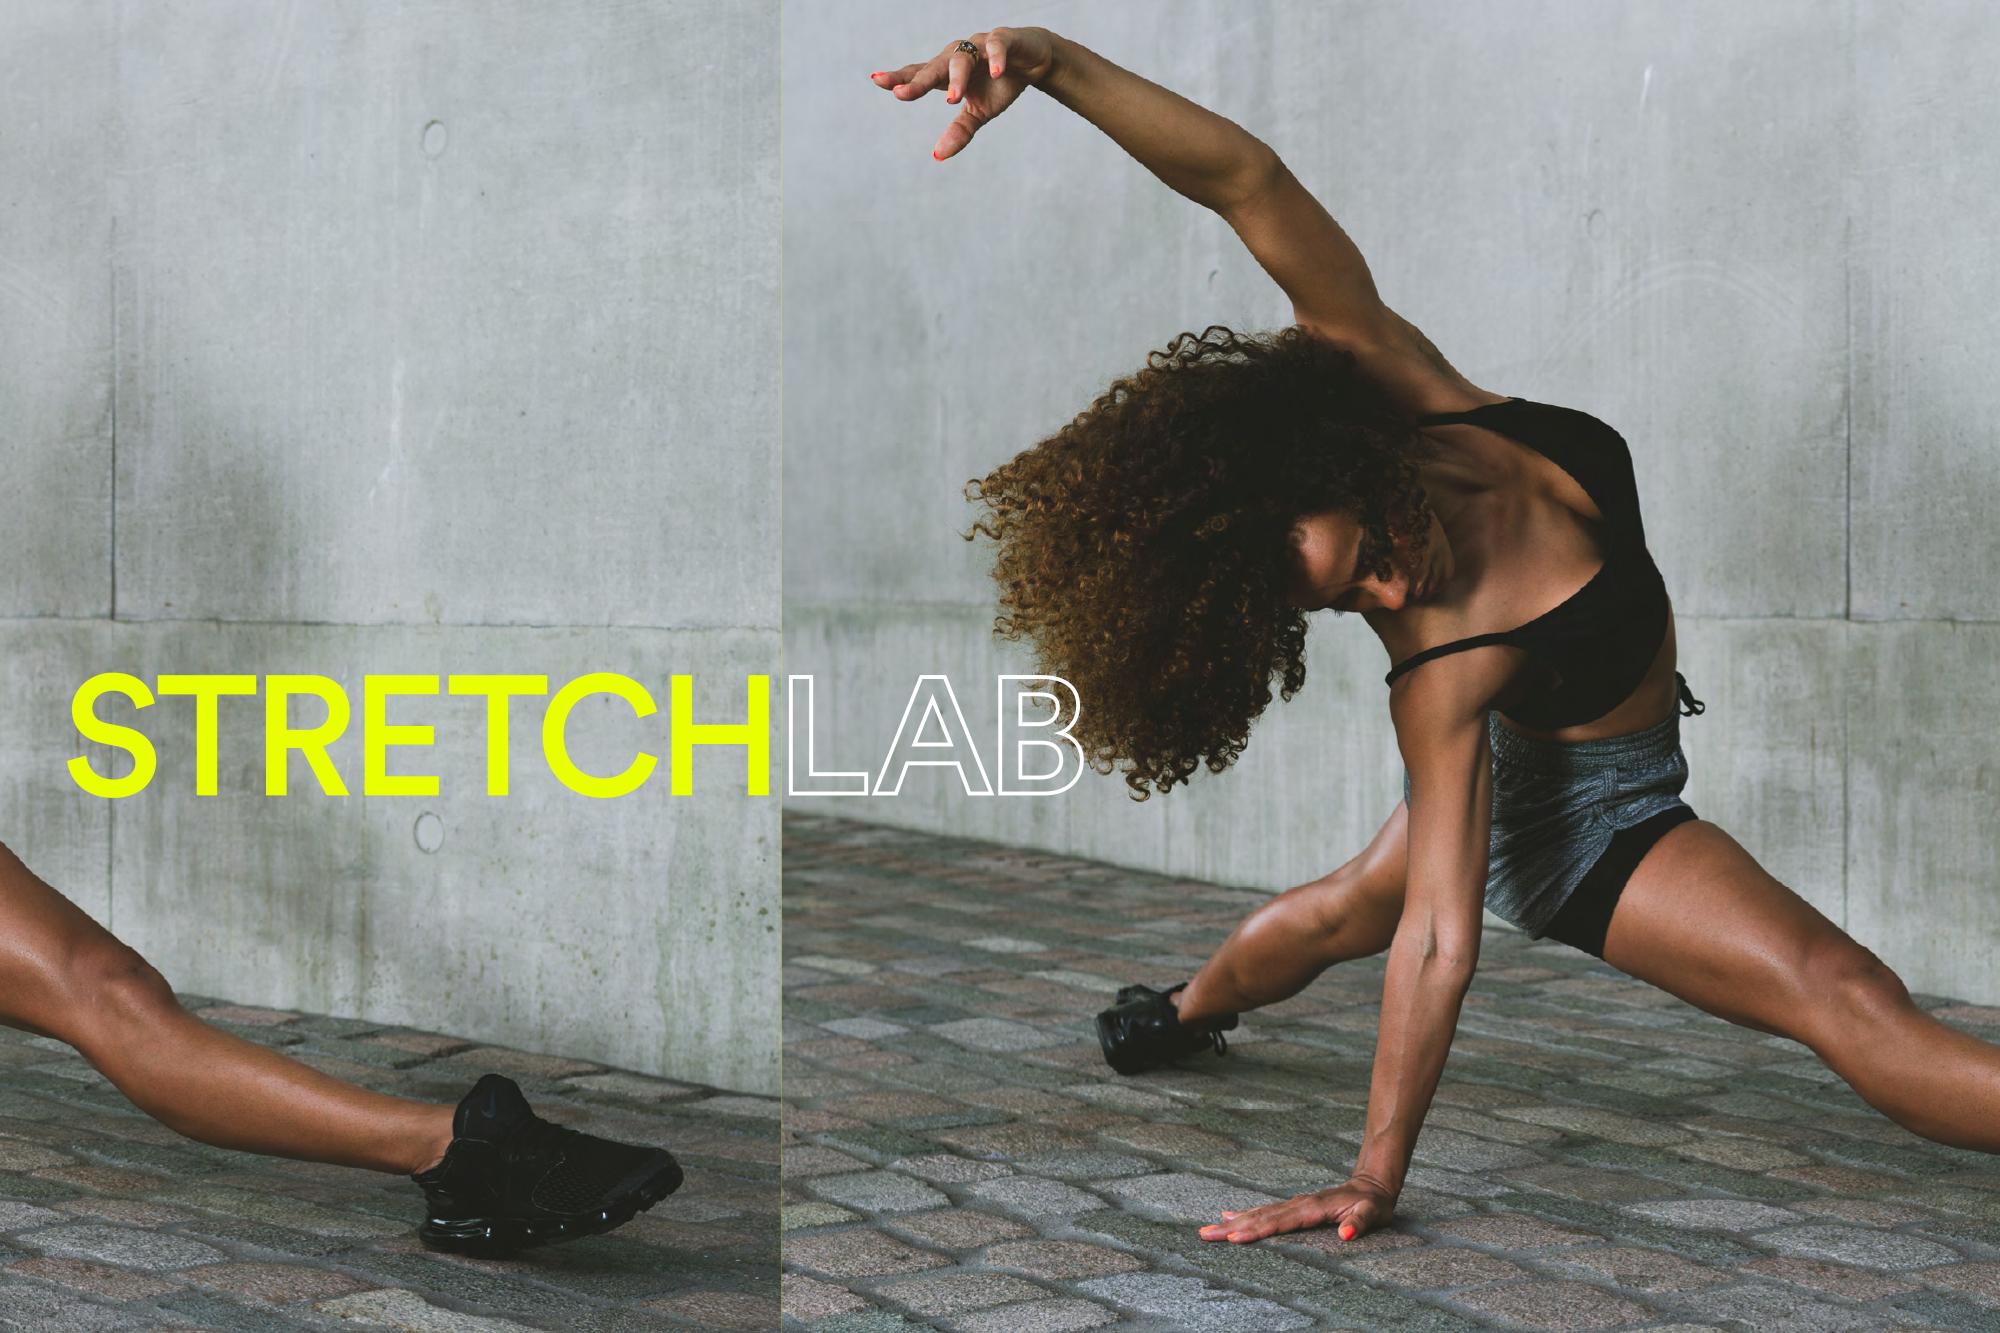 StretchLab Branding